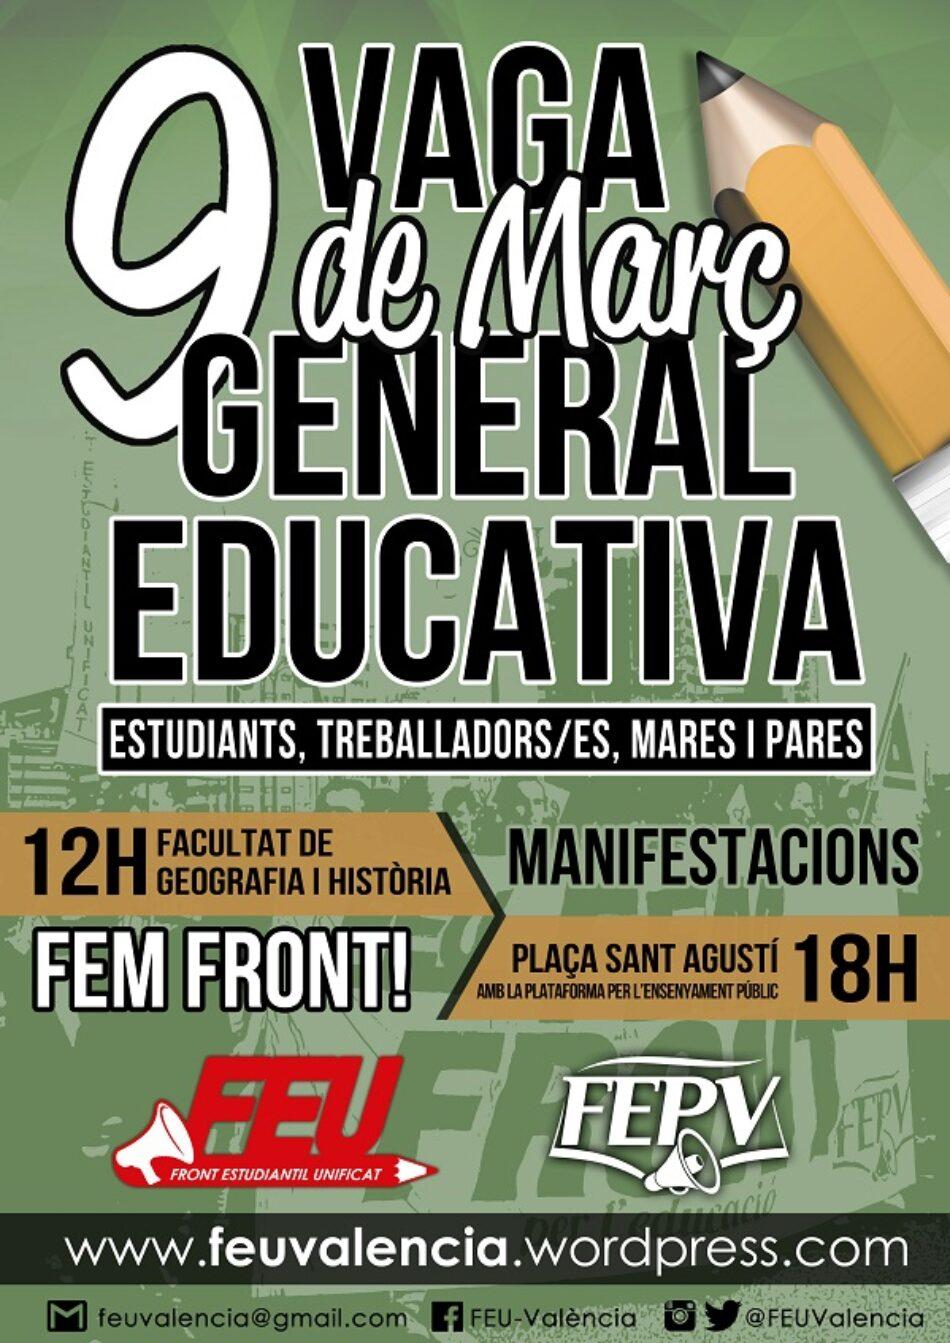 Vaga General Educativa del 9 de Marrç